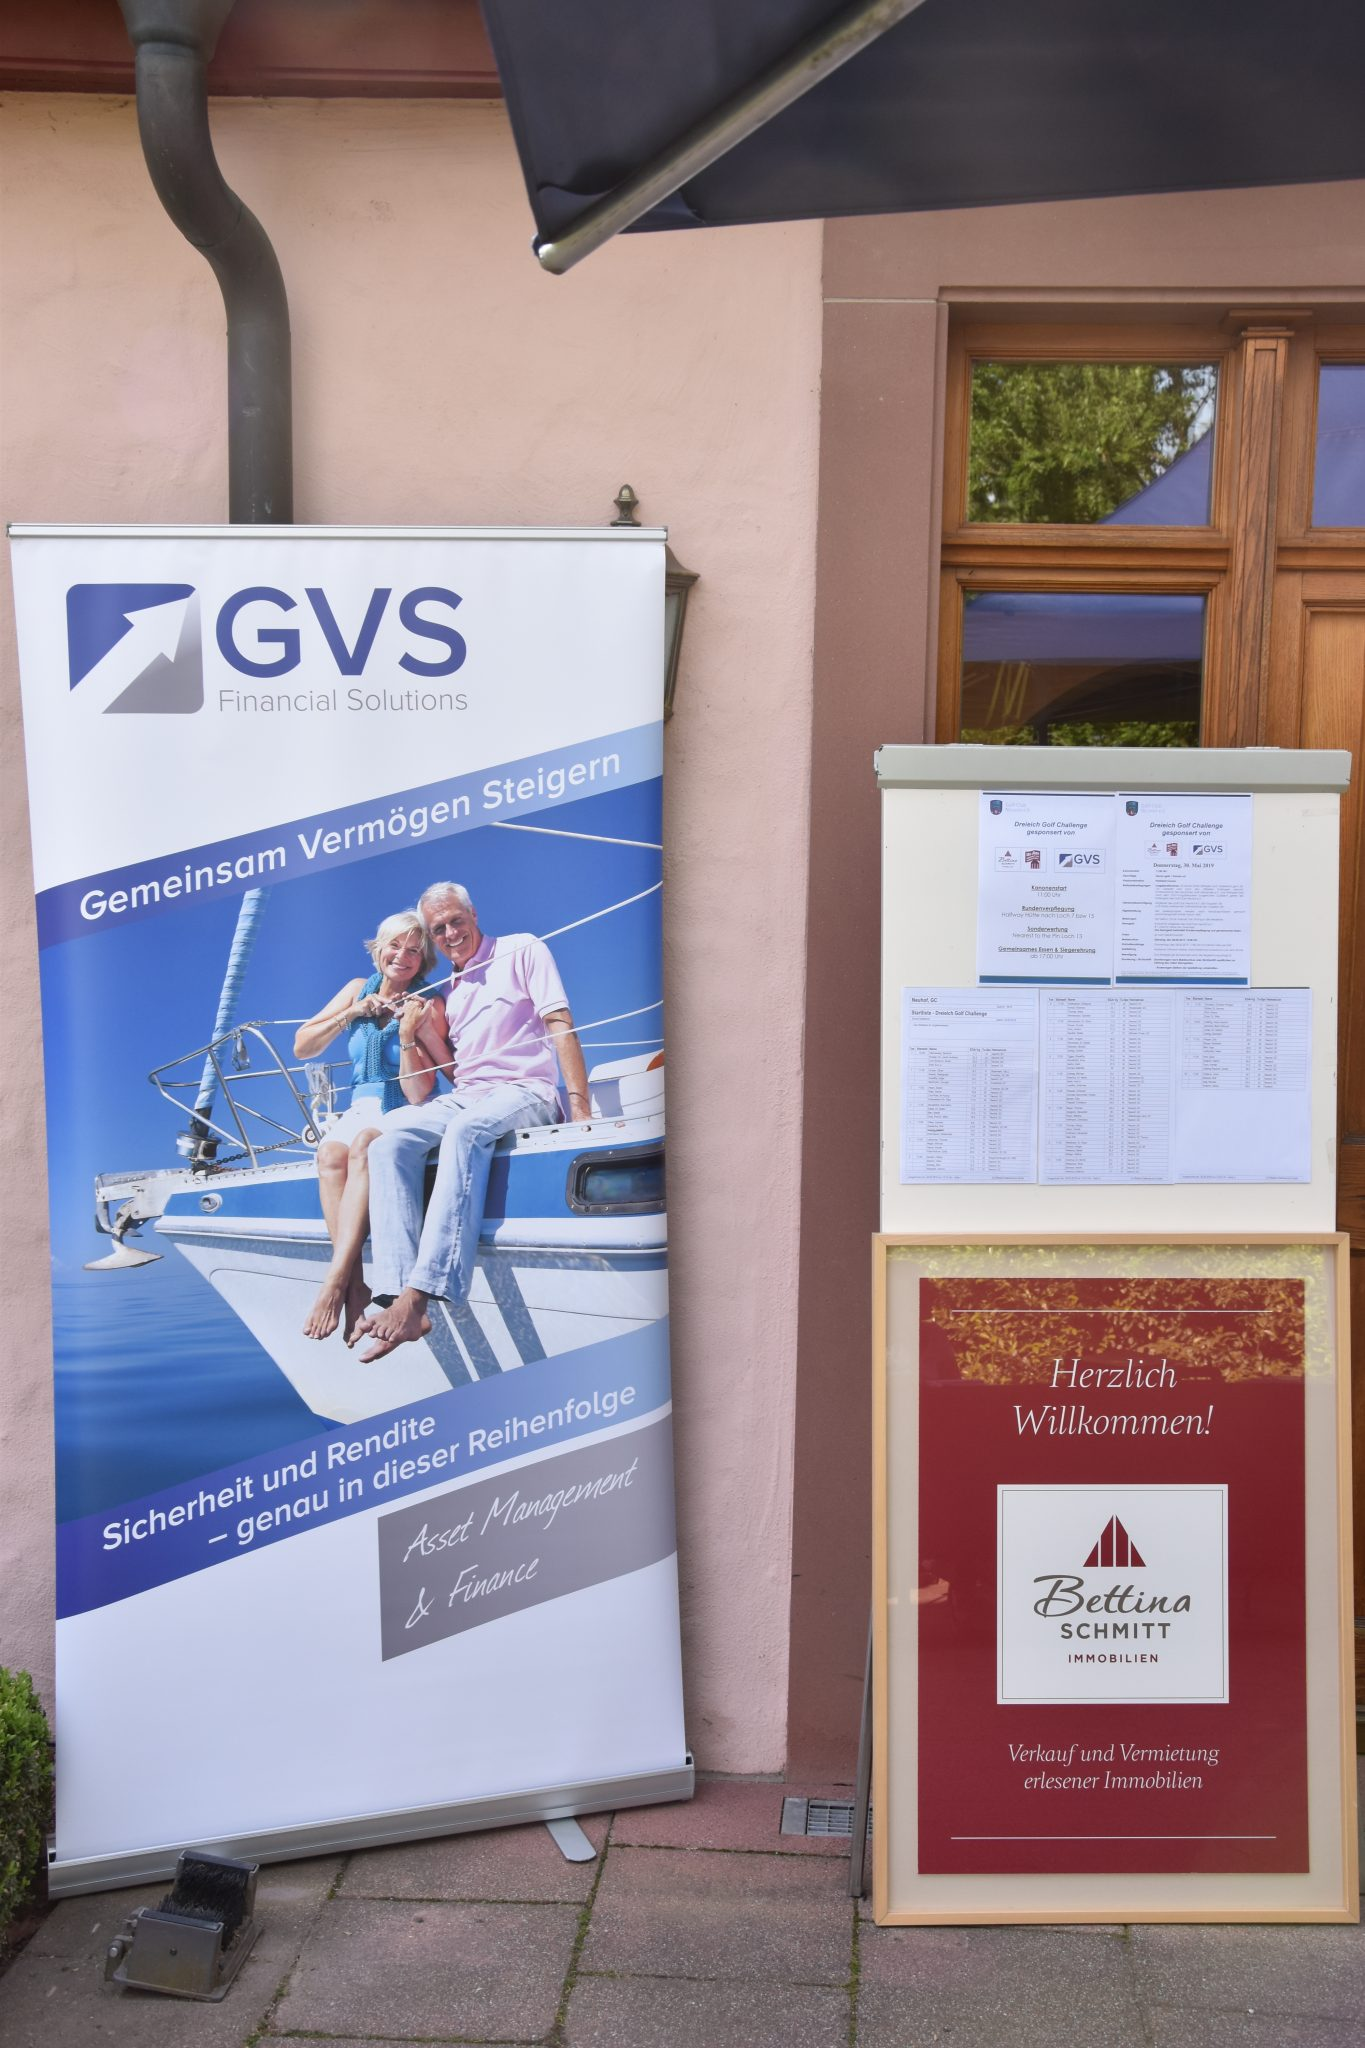 GVS-Financial-Solutions-Bettina-Schmitt-Immnobilien